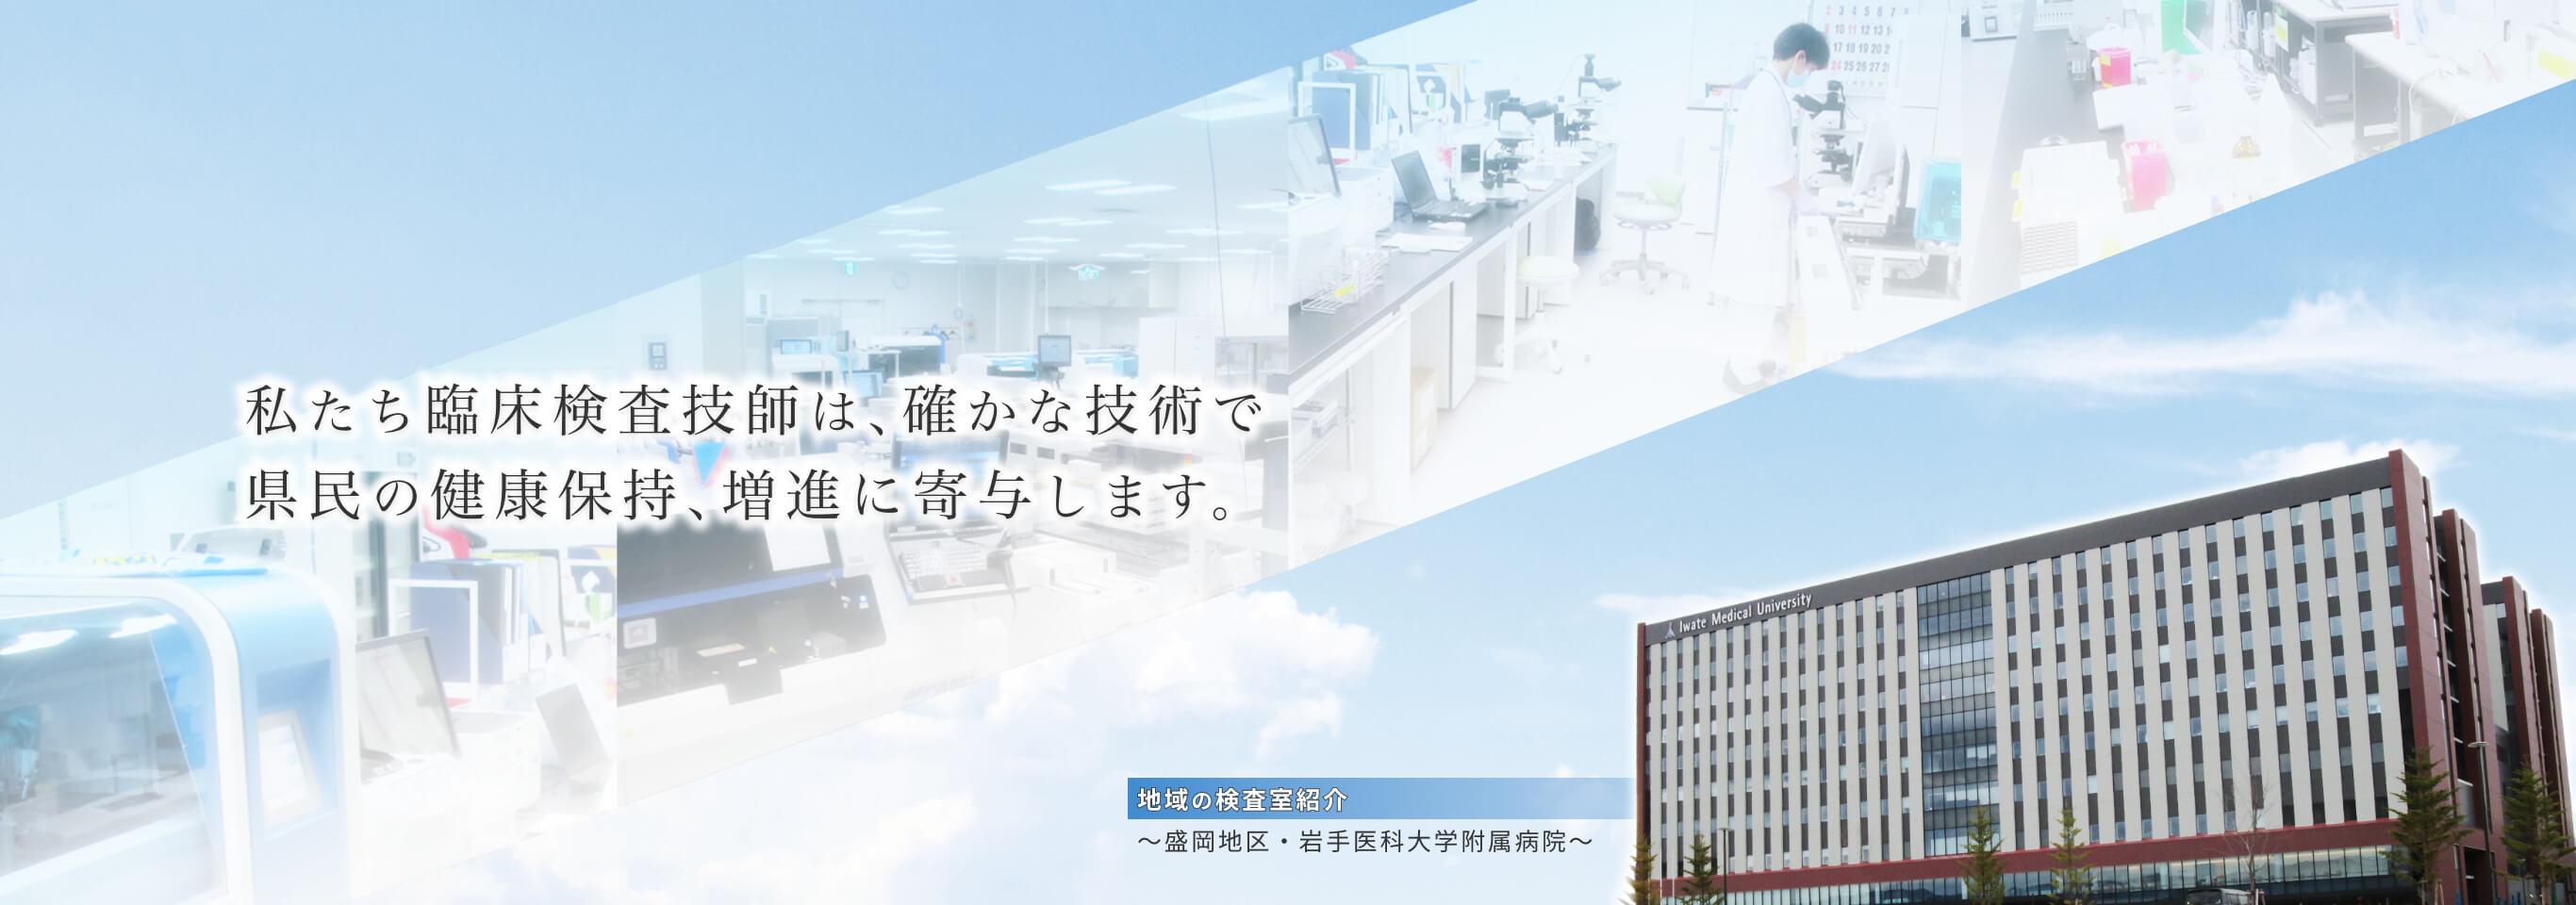 岩手県臨床衛生検査技師会地域の検査室紹介